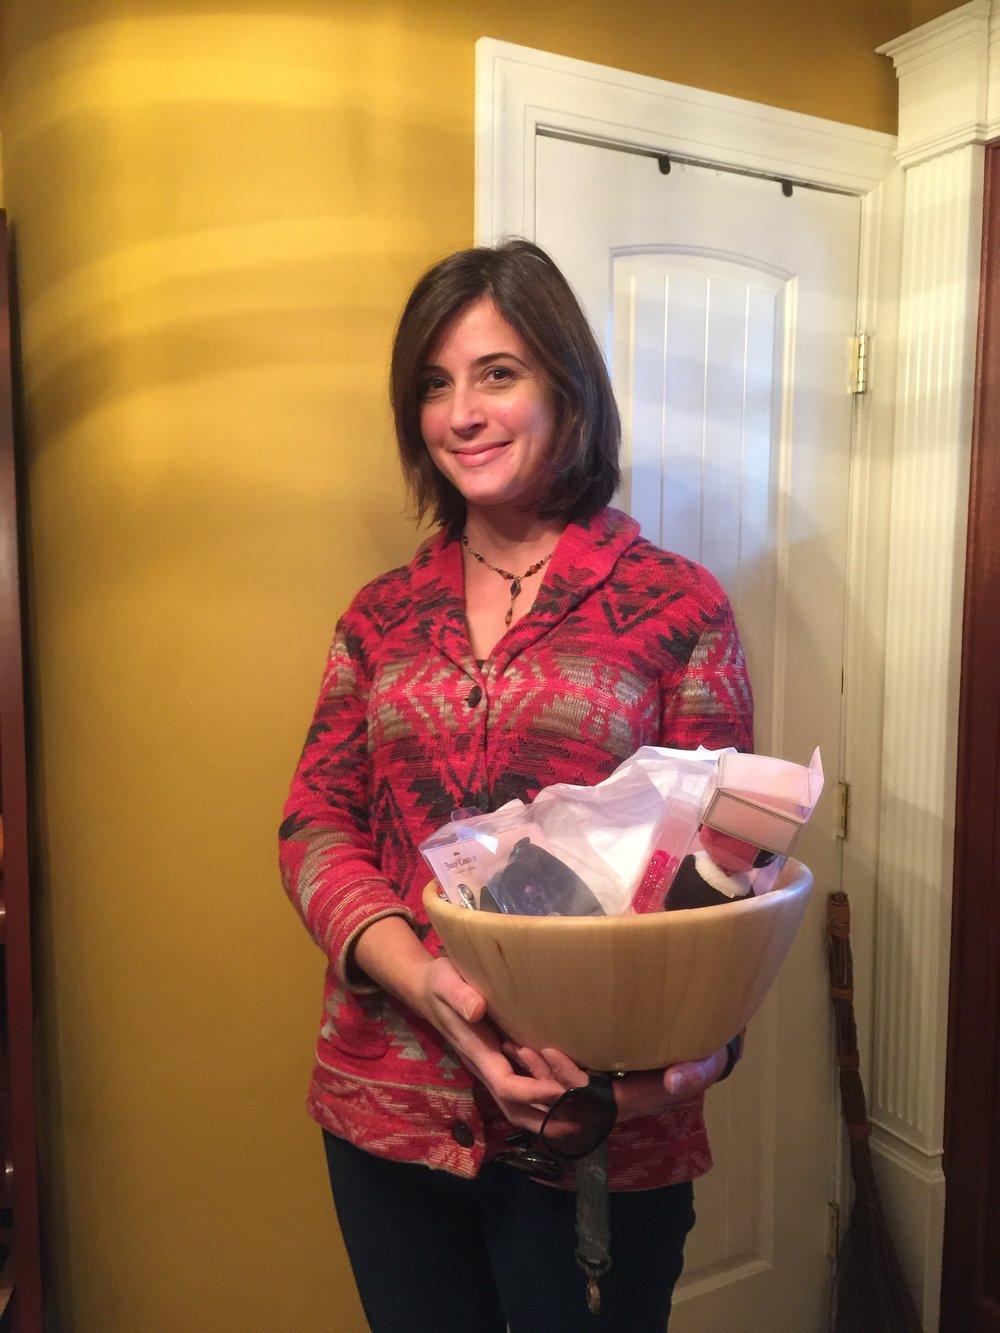 Jessica Flinn won the Juicy Coutre Pet Toy Basket! Congrats!